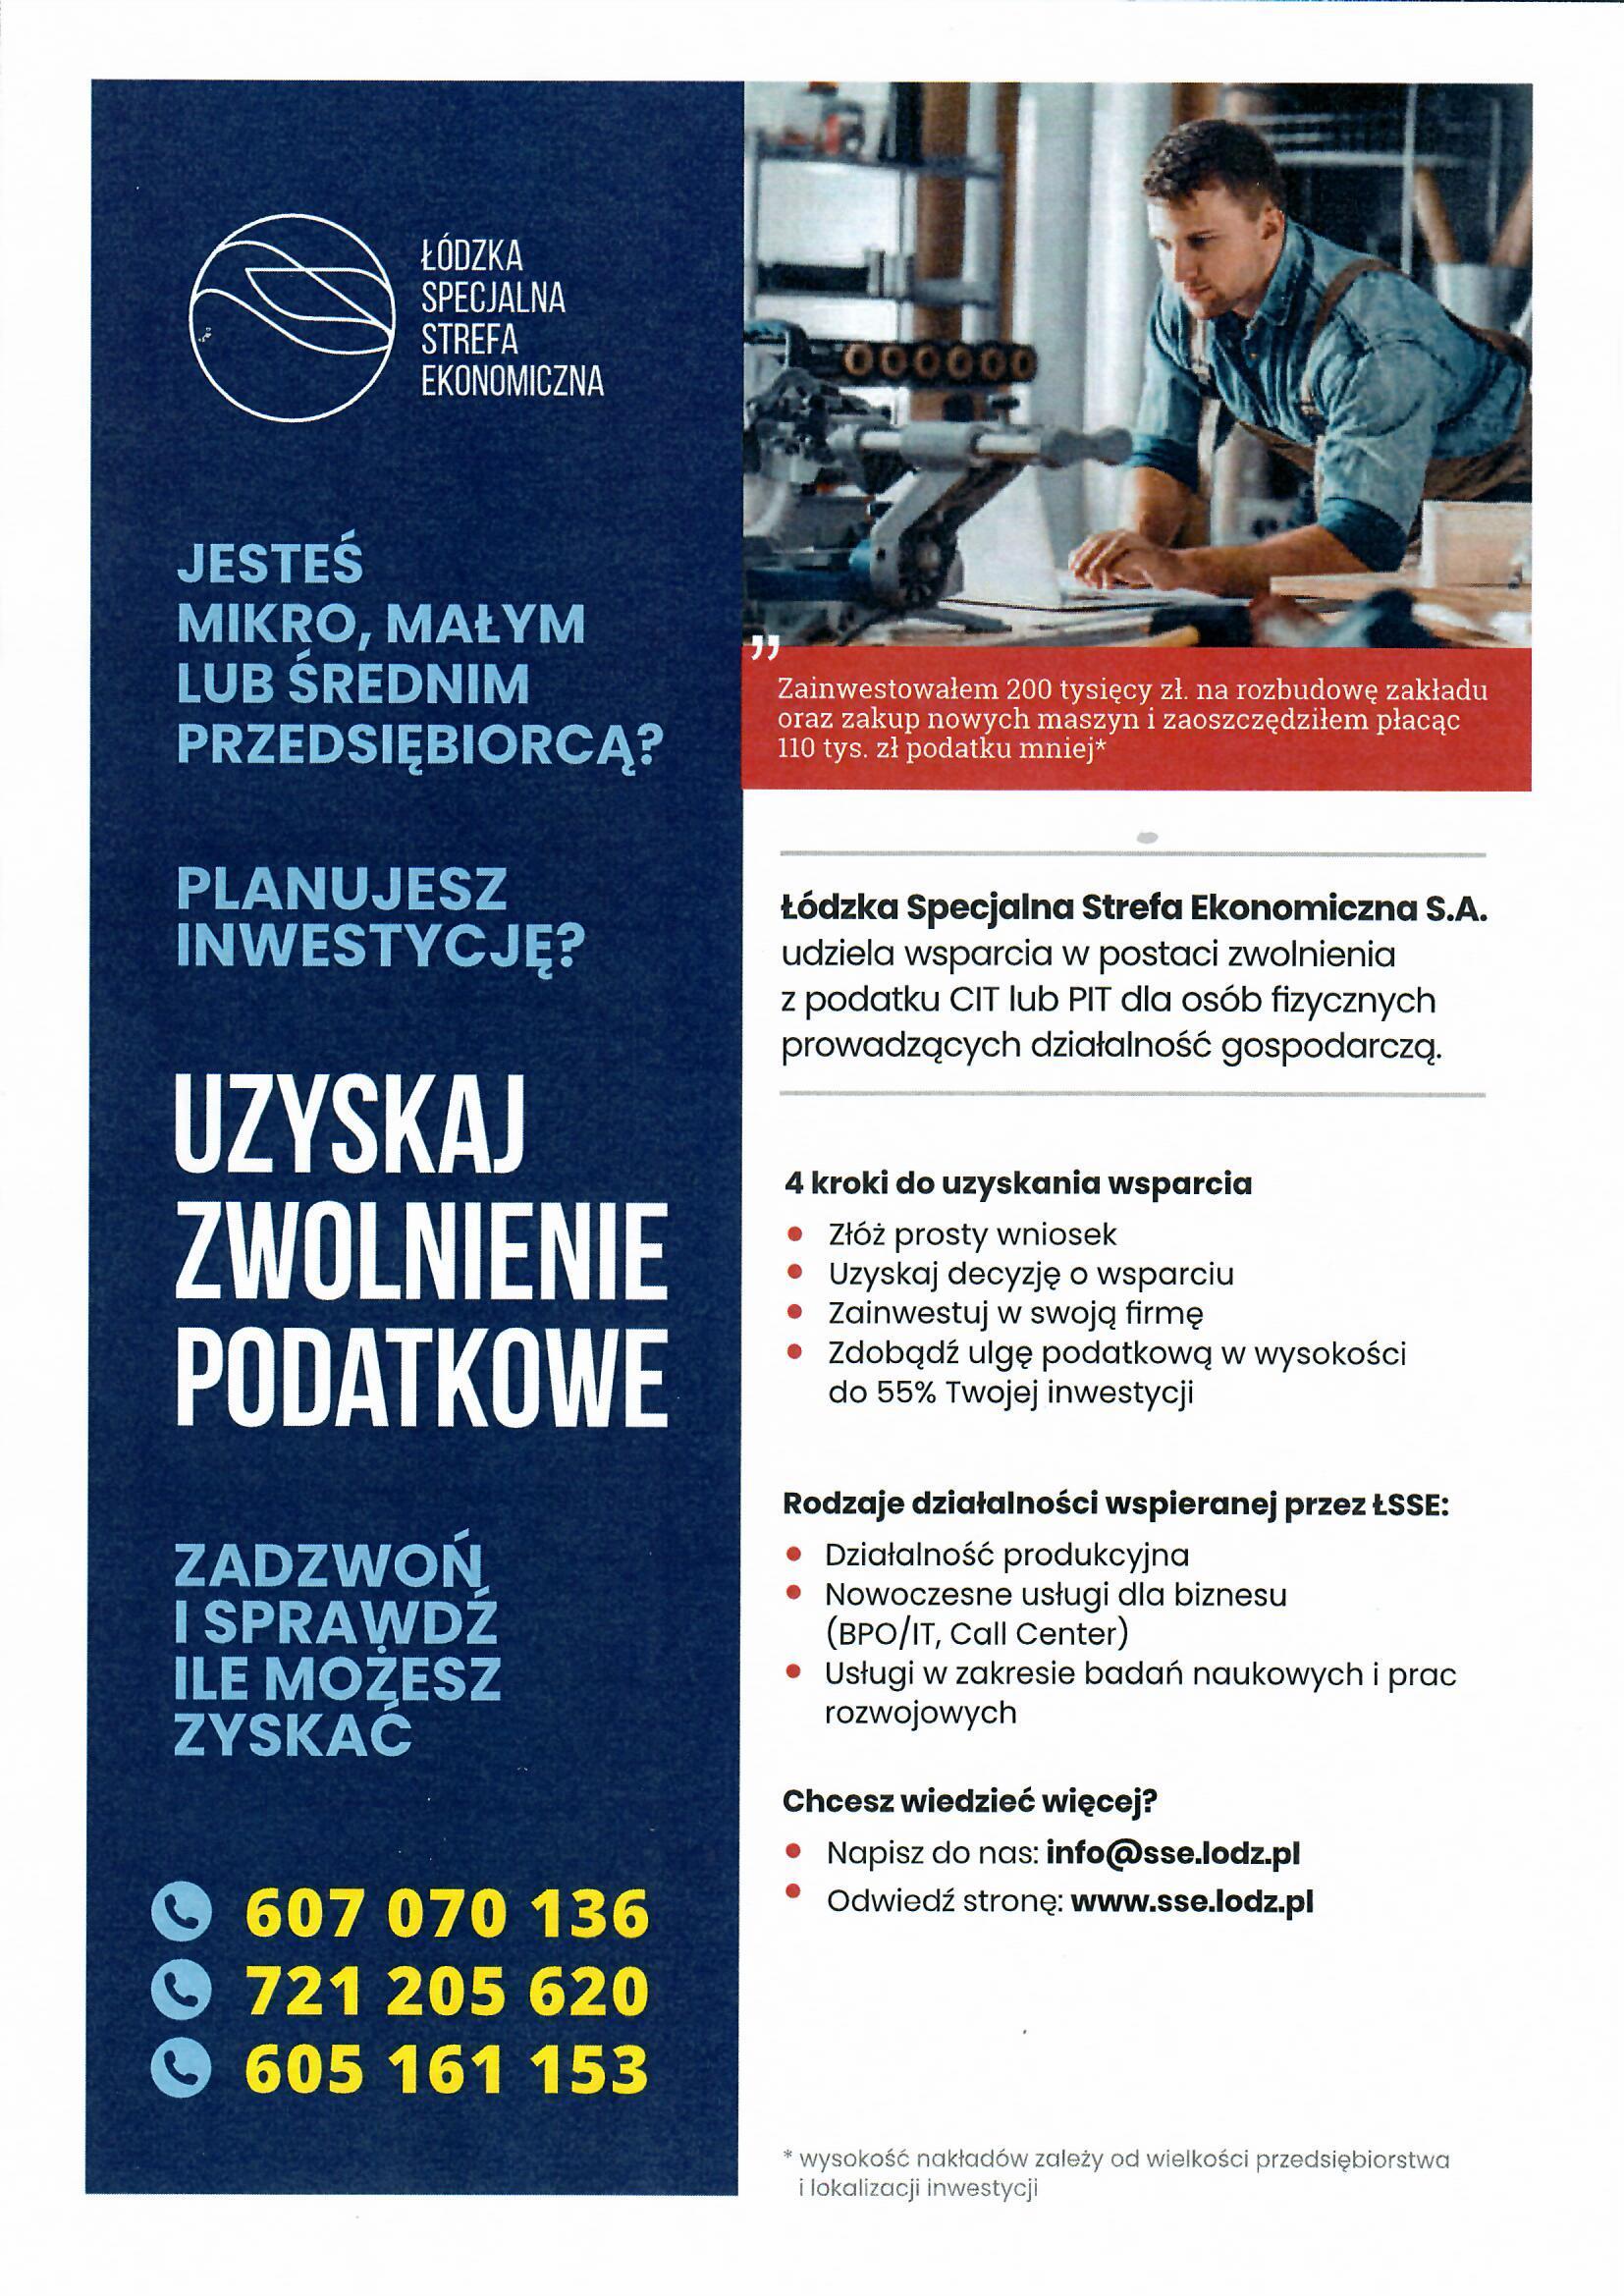 Spotkanie w Centrum Przedsiębiorczości - oferta Łódzkiej Specjalnej Strefy Ekonomicznej. Plakat reklamujący Łódzką Specjalną Strefę Ekonomiczną